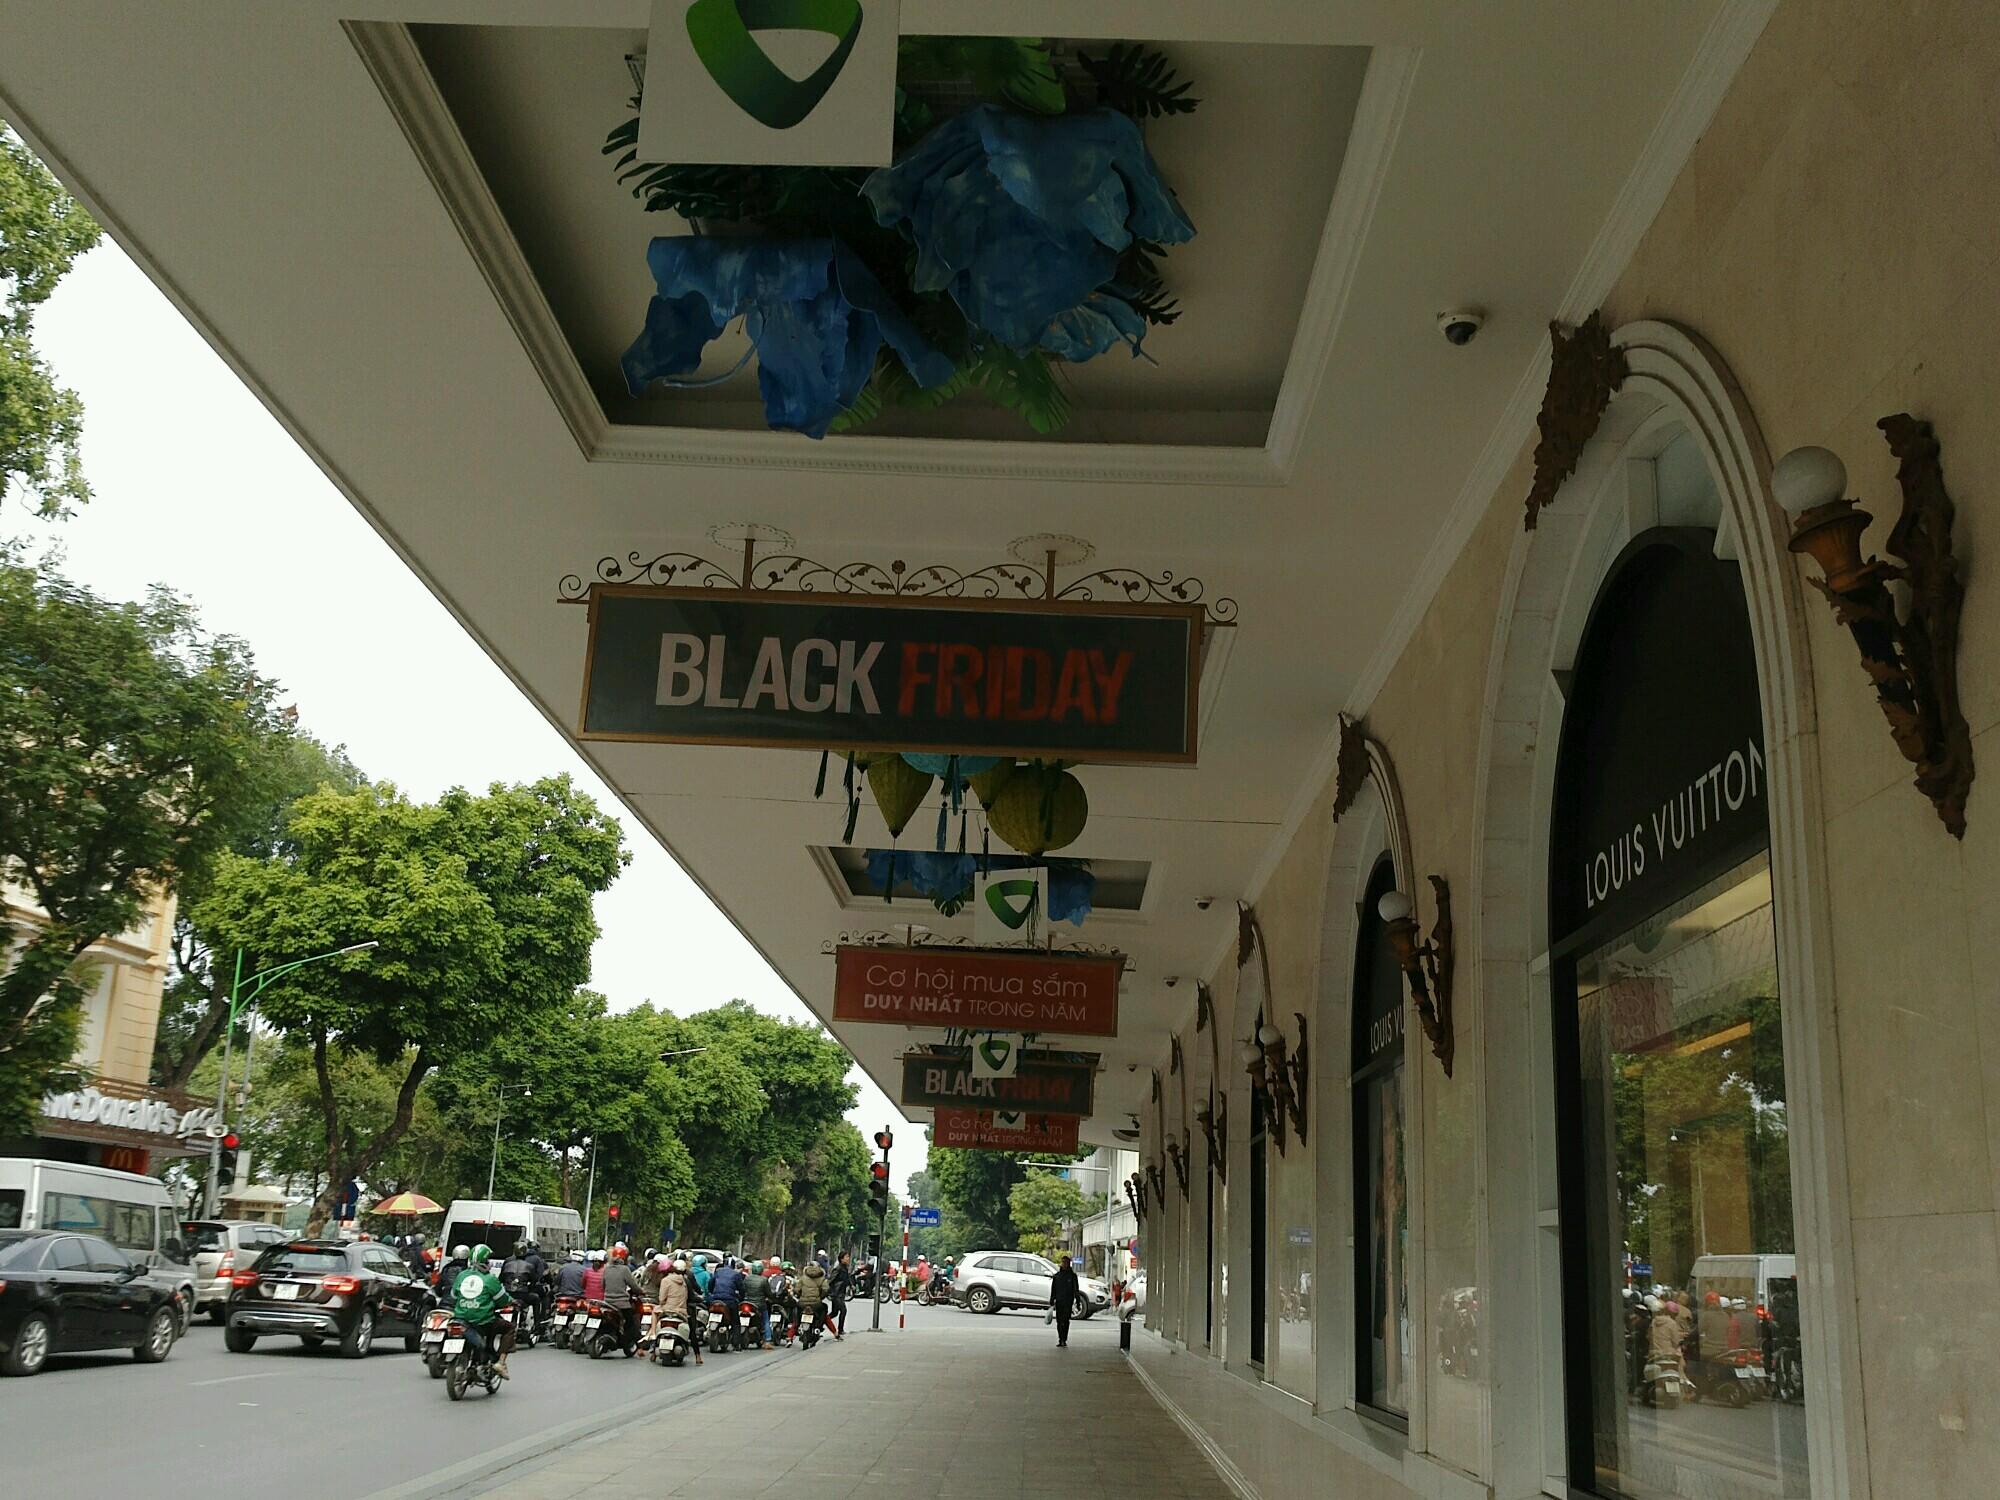 canh trai nguoc tai trang tien plaza va vincom trong ngay black friday